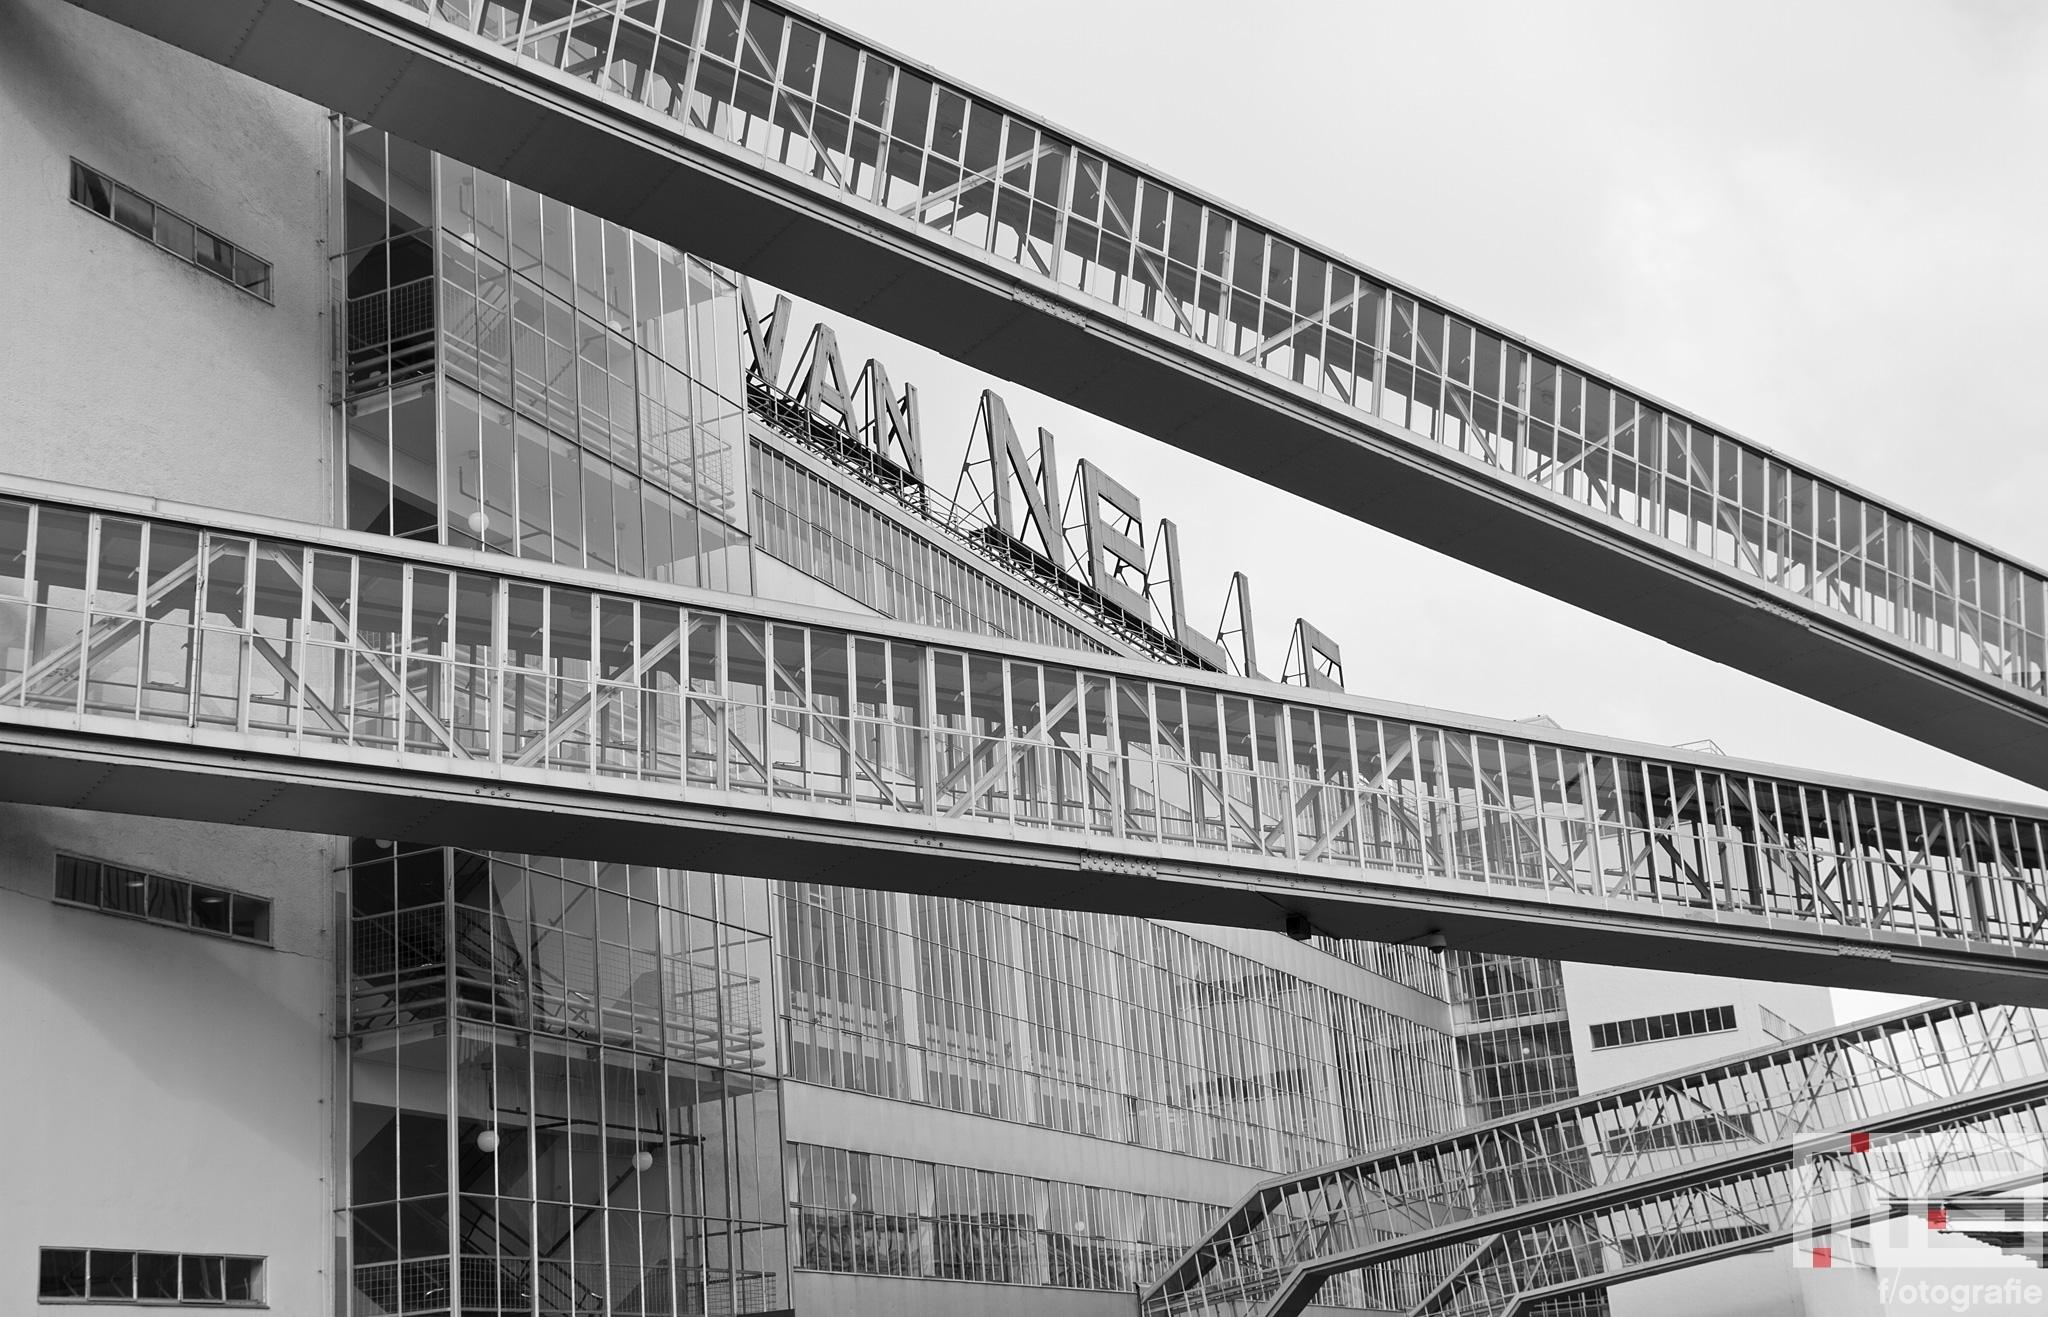 De neonletters van de Van Nelle Fabriek (UNESCO) in Rotterdam Delfshaven